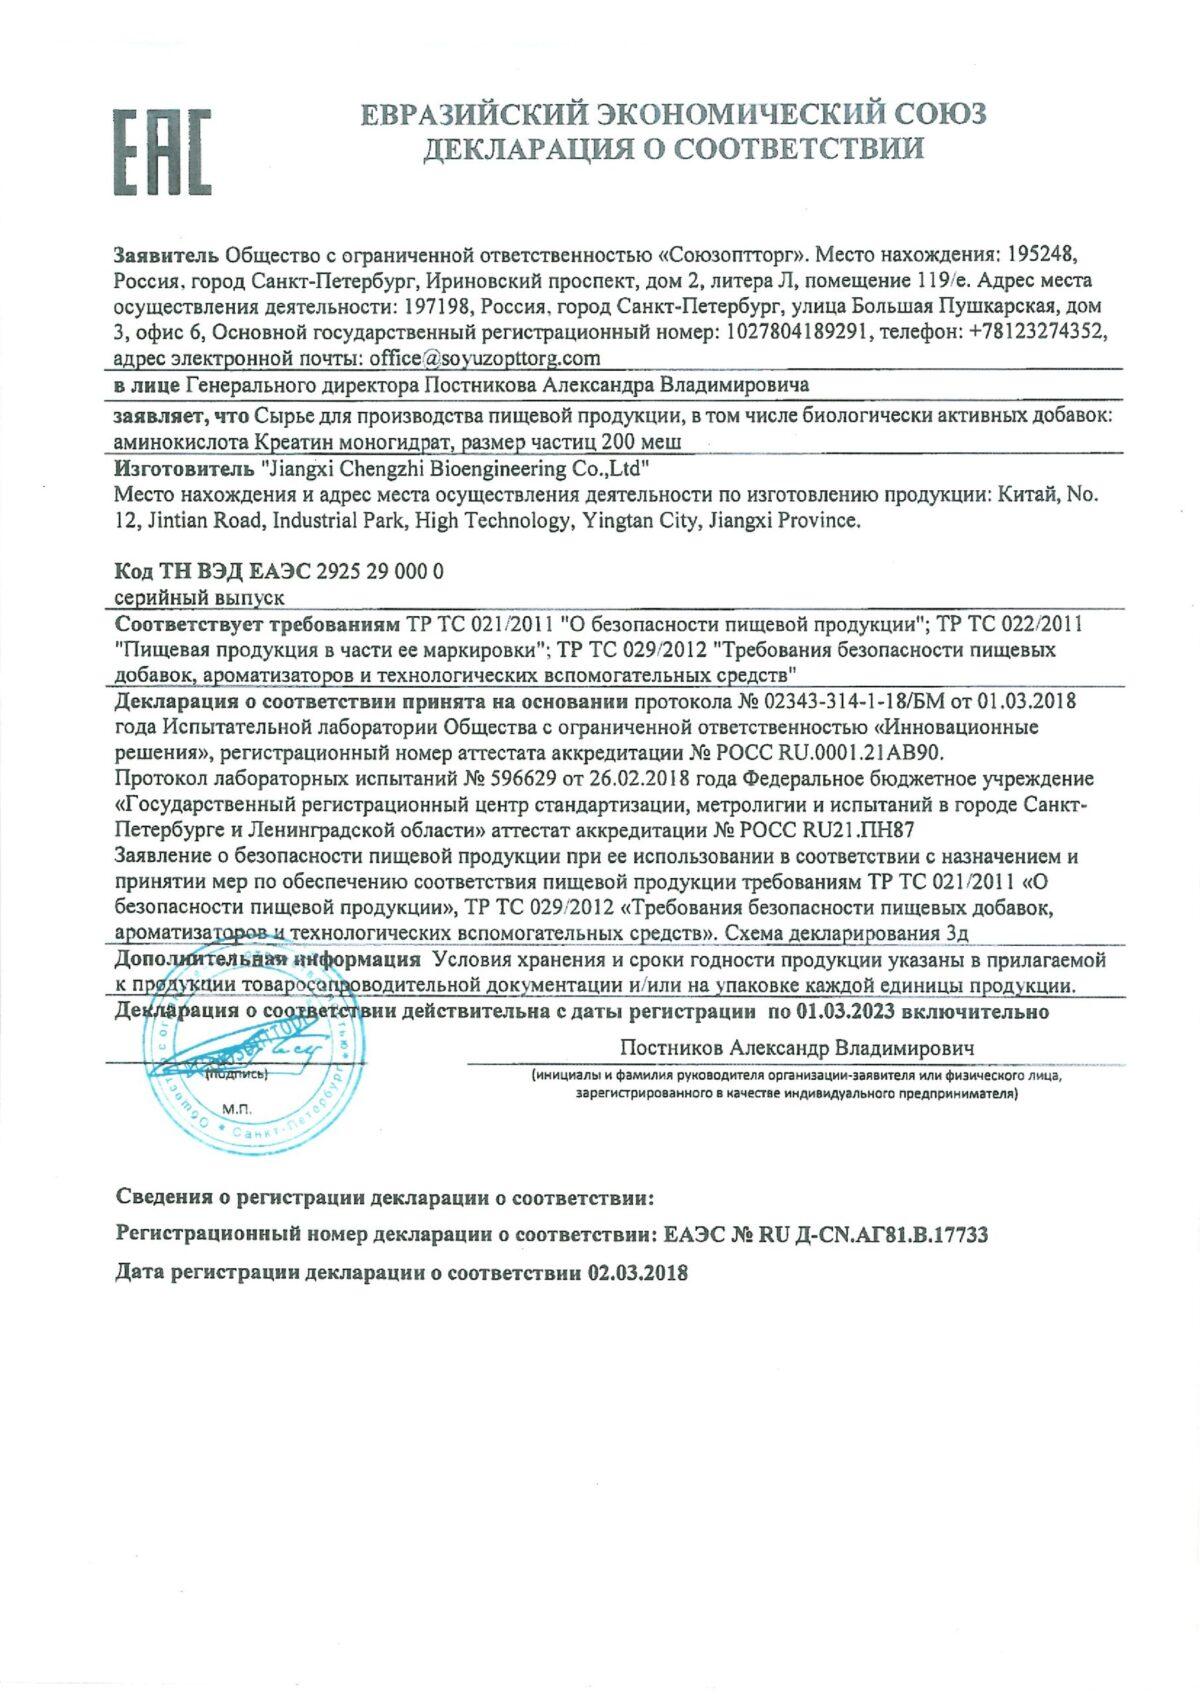 Креатин моногидрат микронизированный ⋆ 1 ⋆ COREPRO